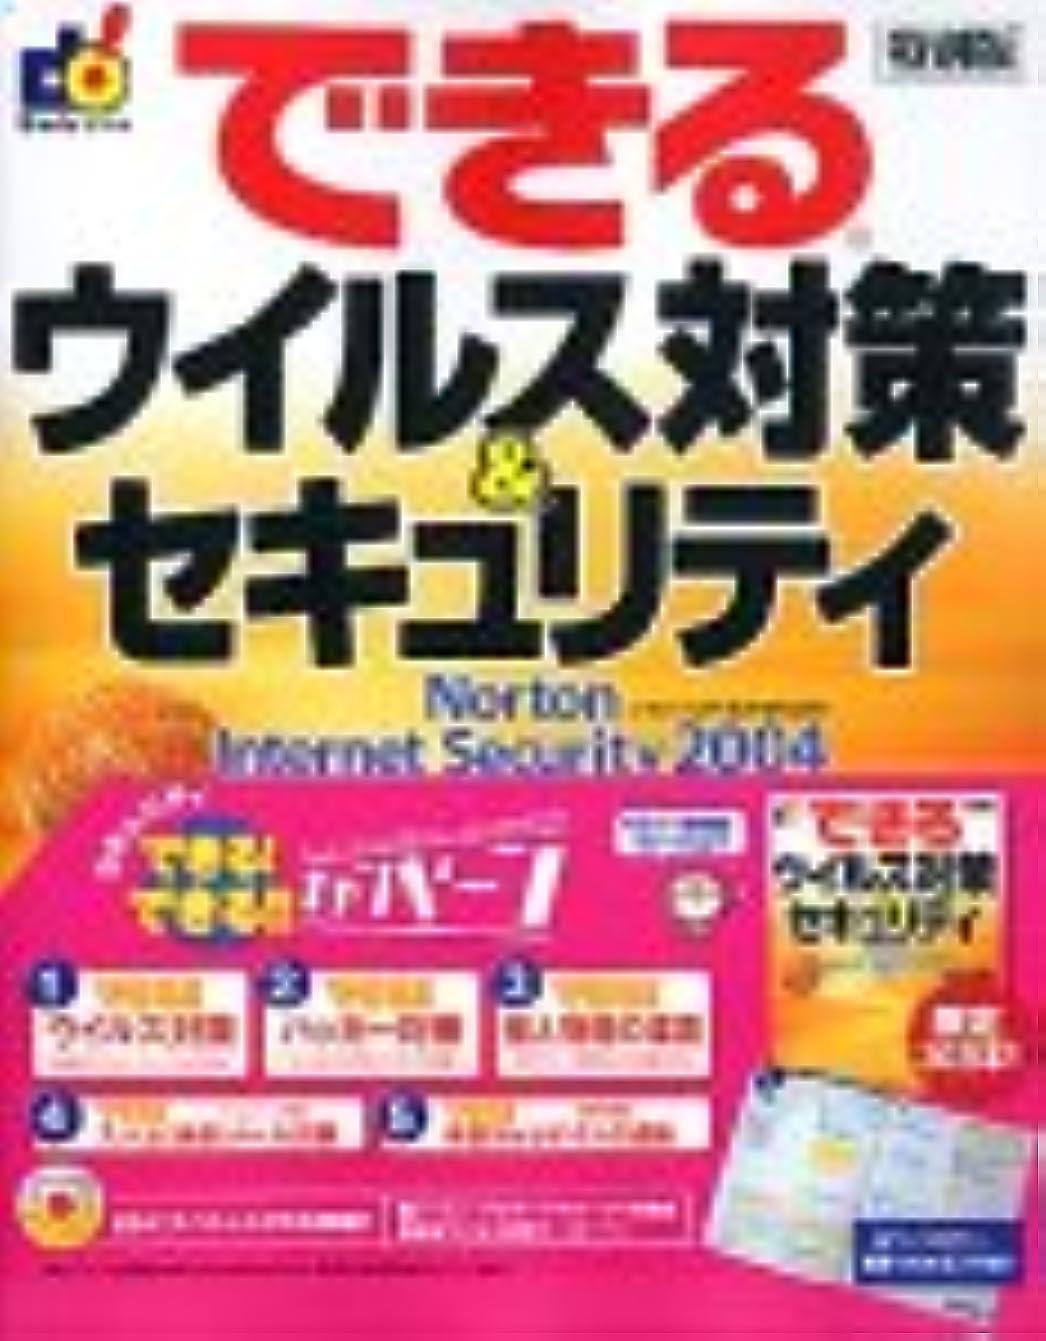 焼くシンボル近所の【旧商品】ノートン?インターネットセキュリティ 2004 できる!できる!!キャンペーン 2ユーザー製品版